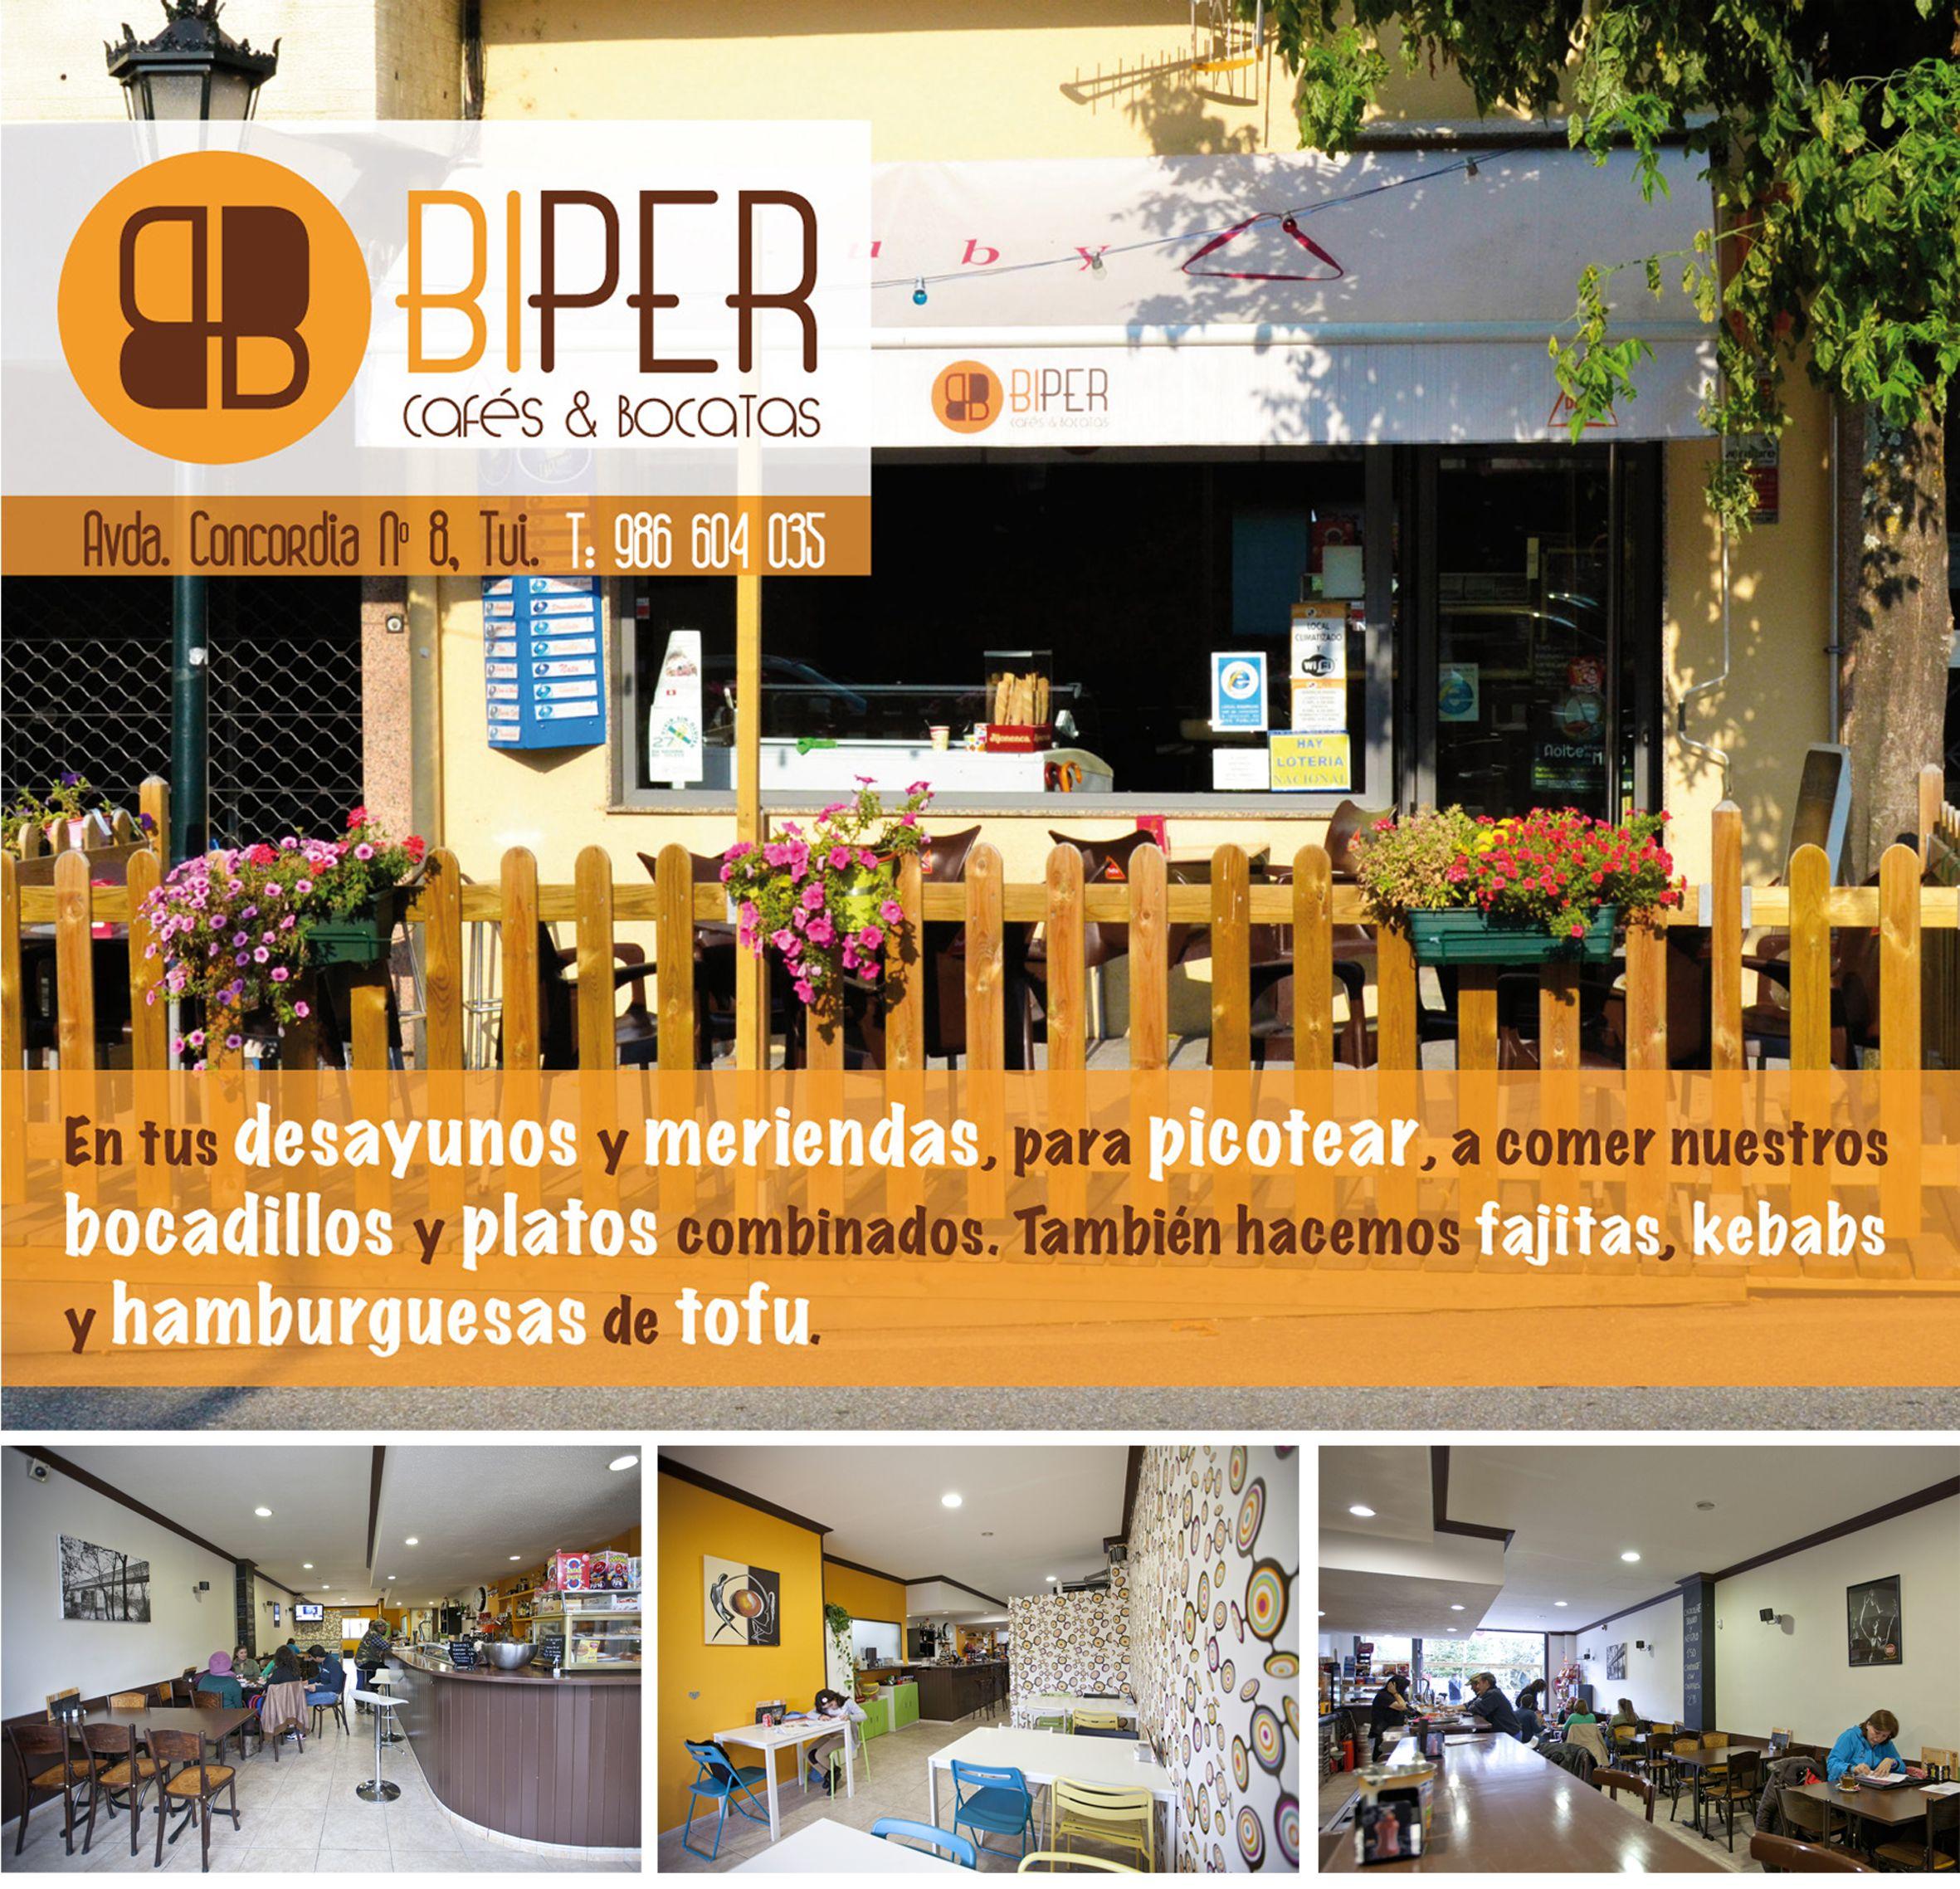 Cafeter A Bocater A Biper Tui Nuestros Socios Pinterest Cosas # Muebles La Guia Tui